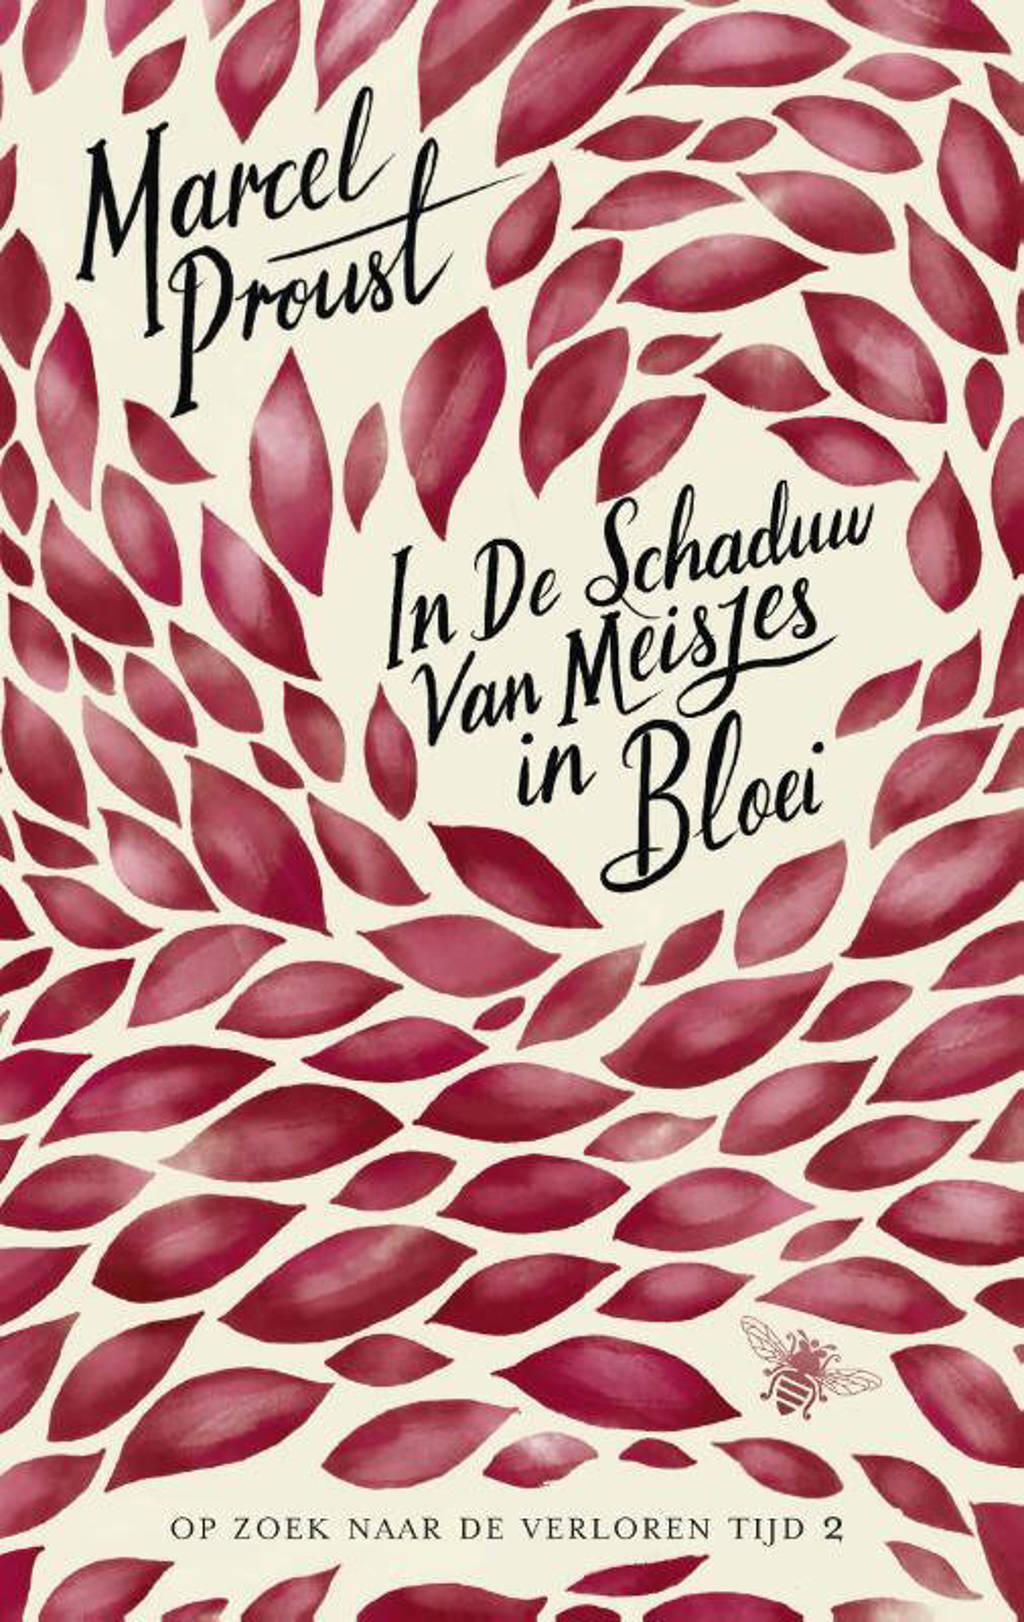 Op zoek naar de verloren tijd: In de schaduw van meisjes in bloei - Marcel Proust